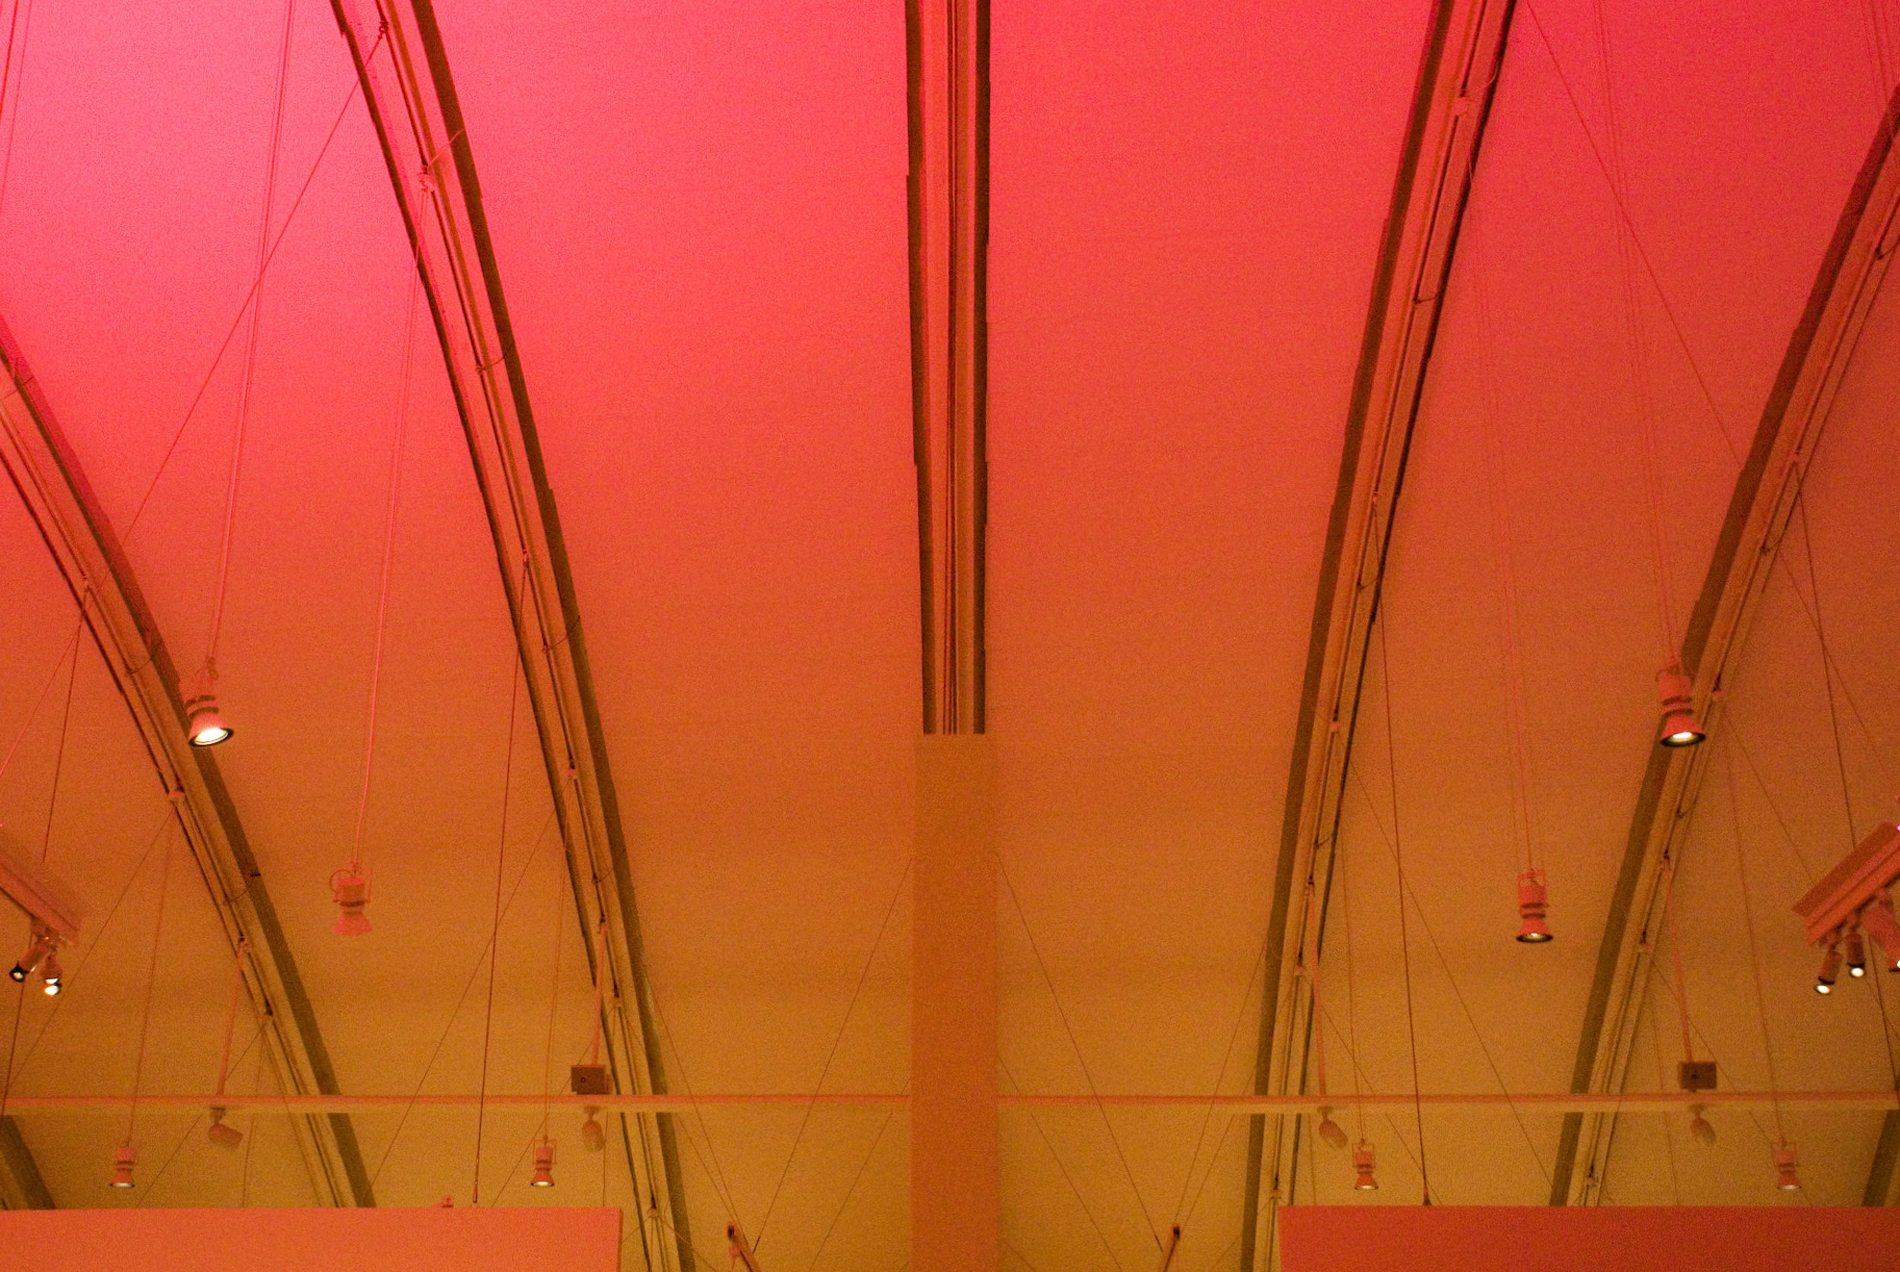 Zentrum Paul Klee.  Natürliches Licht war weder für das Auditorium noch für das Museum erwünscht – die Ausstellung ist in gedämpftes, kontemplatives Licht getaucht.